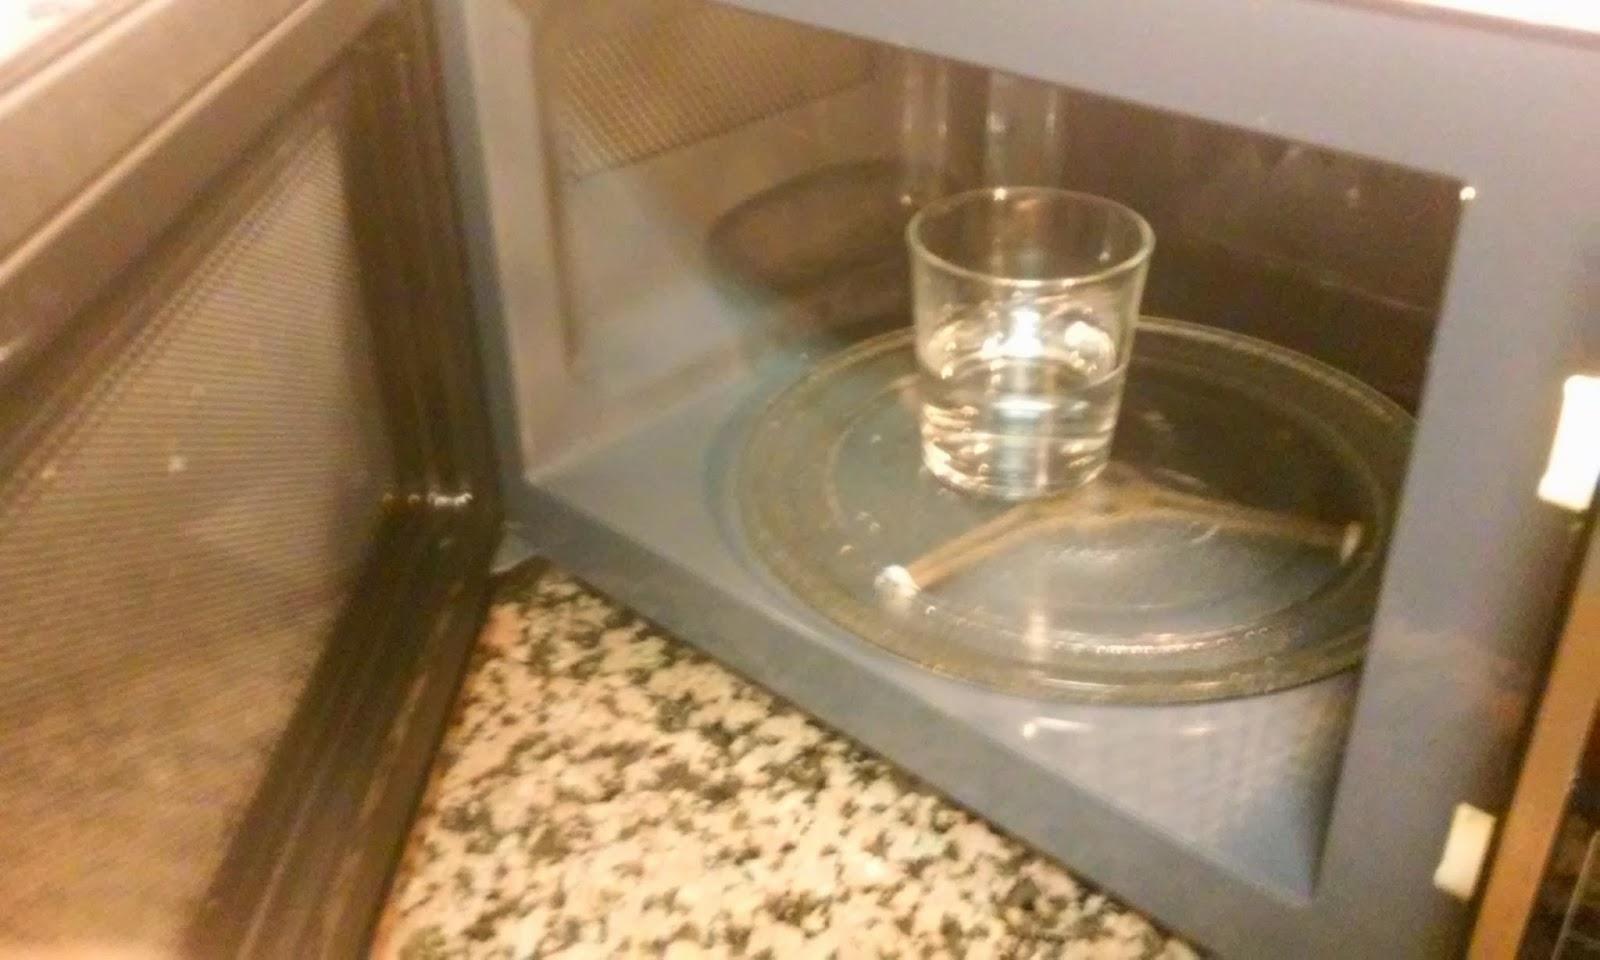 agua a calentar en el micro